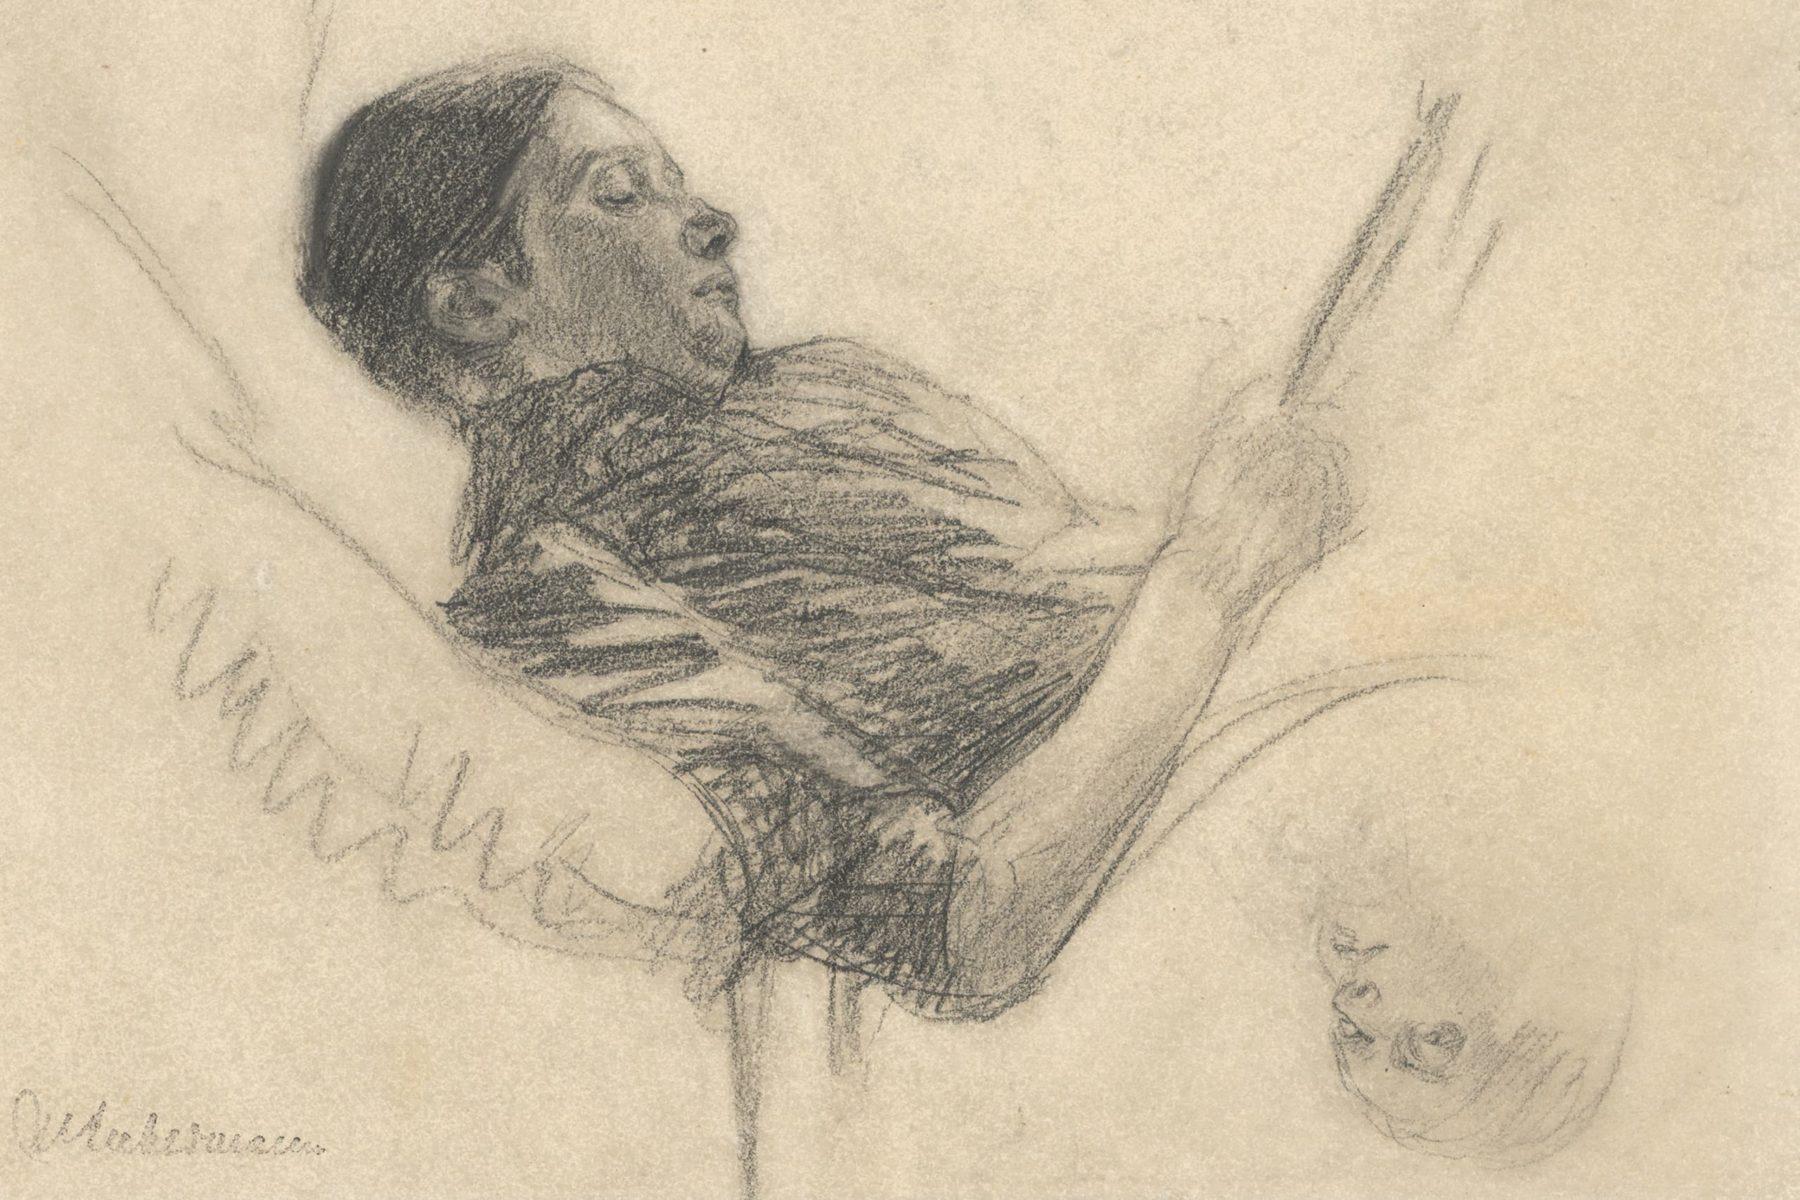 Martha Liebermann liegt lesend auf einer Art Sofa, sie scheint tief in ihre Lektüre versunken.